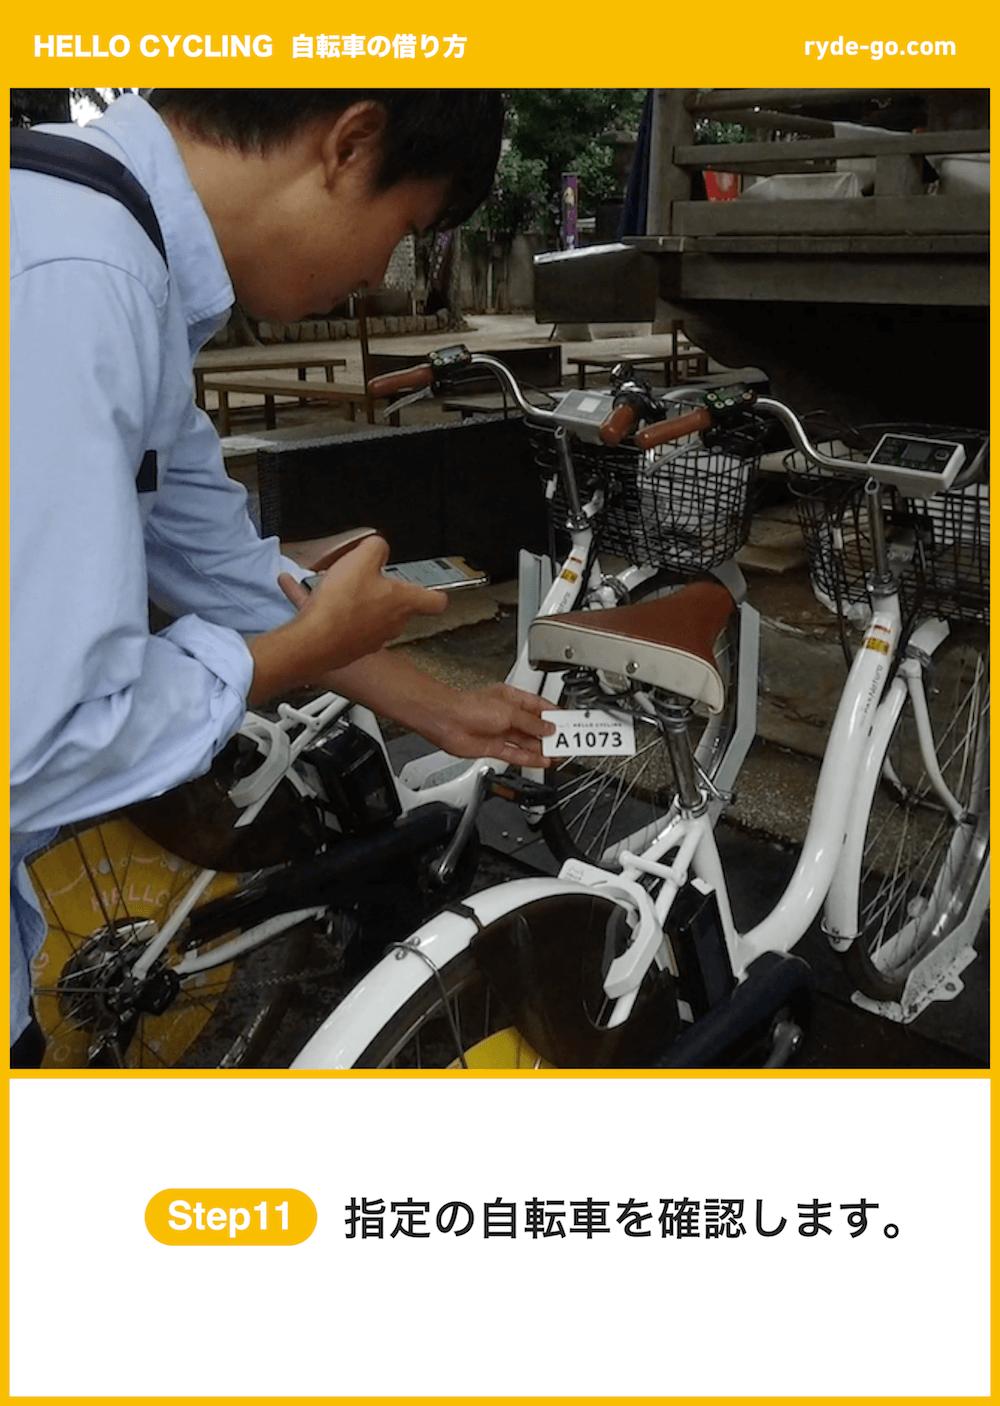 ハローサイクリング 自転車の予約